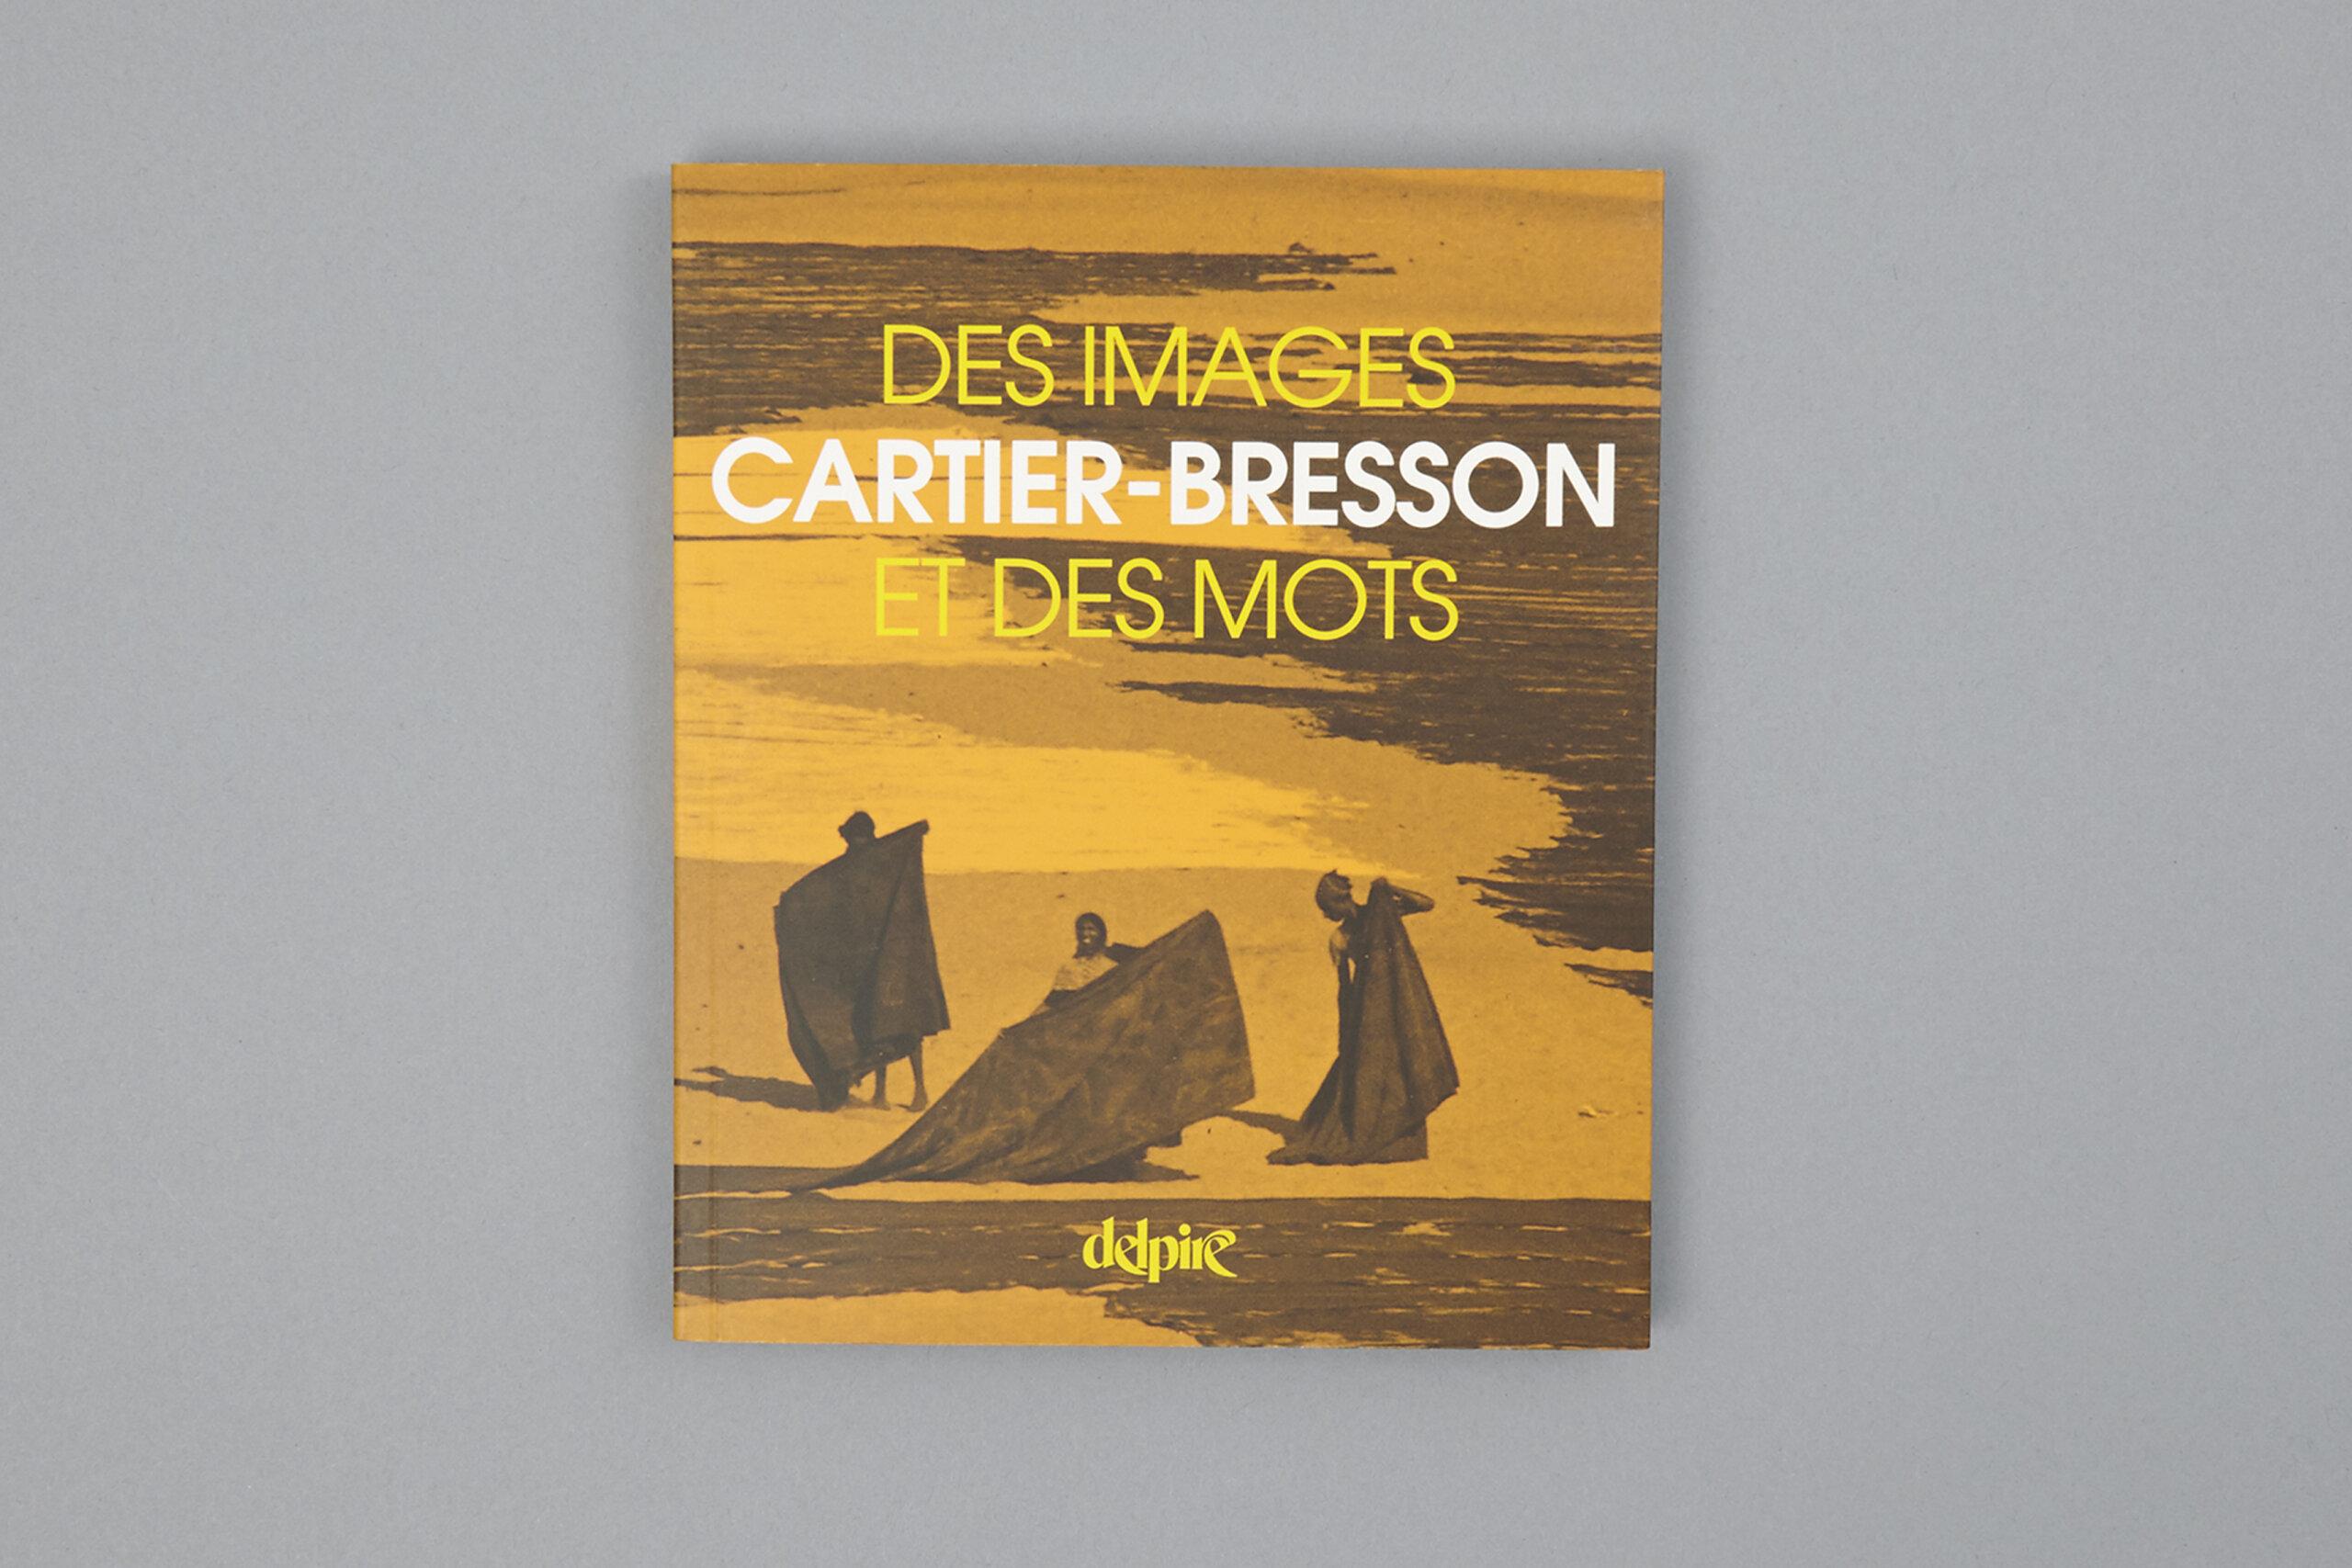 delpire-cartier-bresson-henri-des-images-et-des-mots